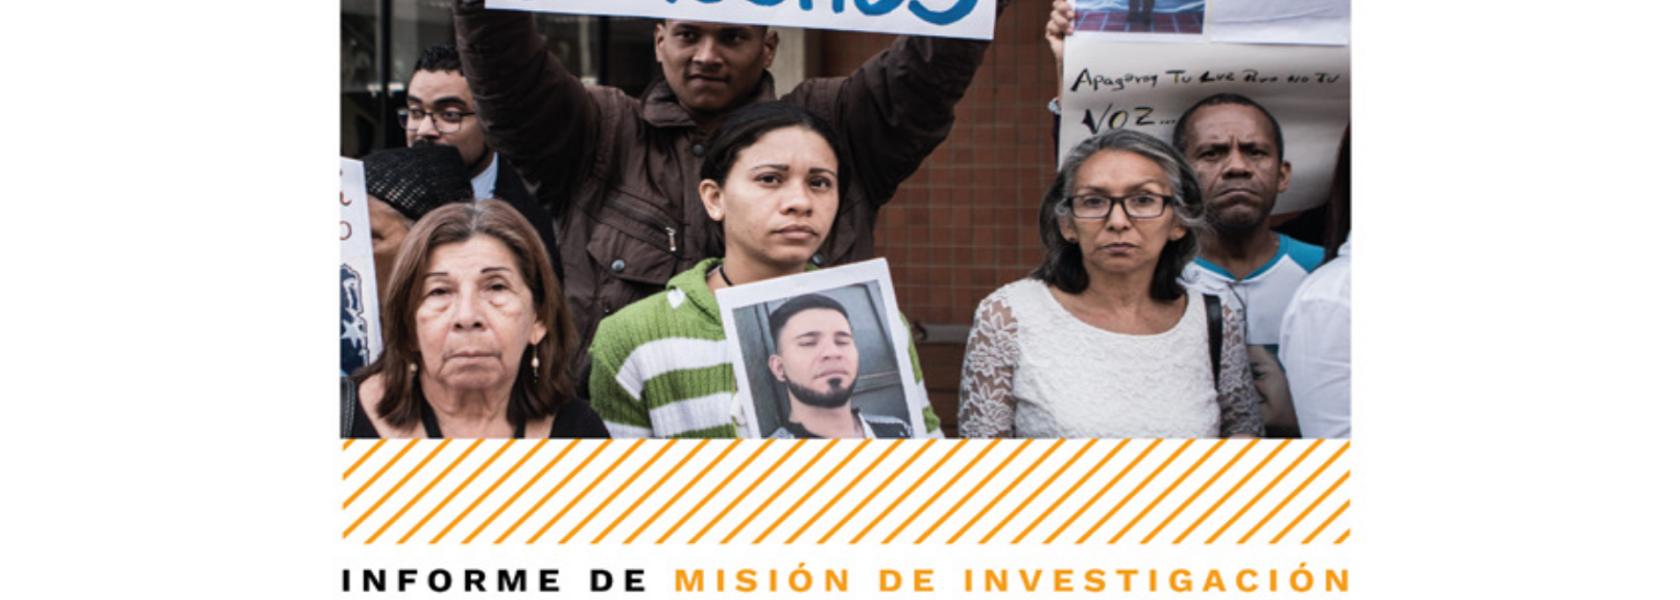 """Venezuela: """"Enemigos internos""""           La defensa de derechos humanos bajo ataque"""